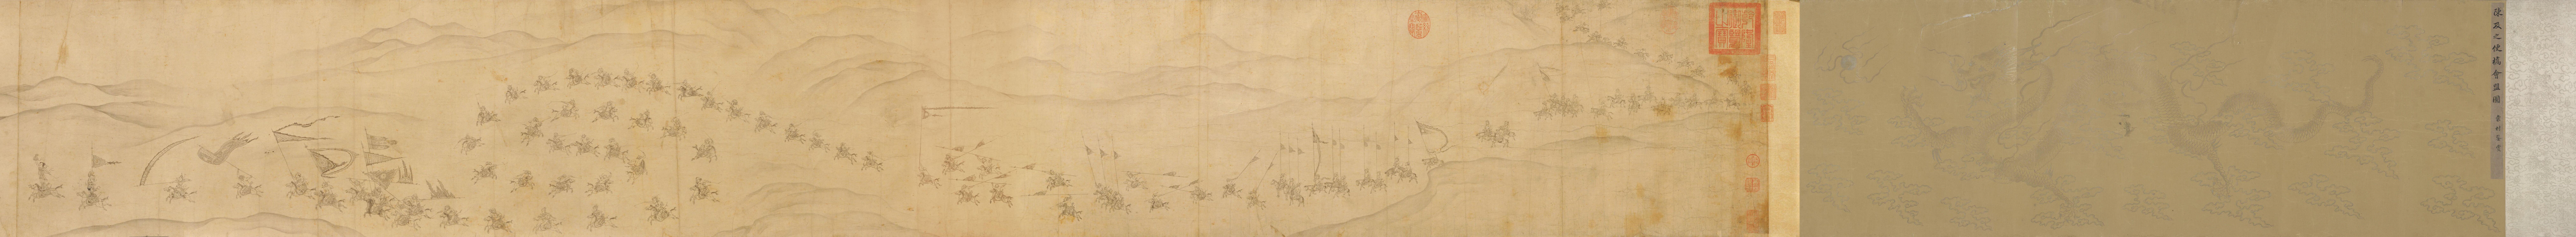 7- « Composition Traité d'alliance au pont Bian », par Chen Jizhi ; illustre l'histoire de Li Shimin transformant le danger en paix par un traité d'alliance avec les envahisseurs Turkic la 9e année de l'ère Wude (626) de la dynastie Tang.